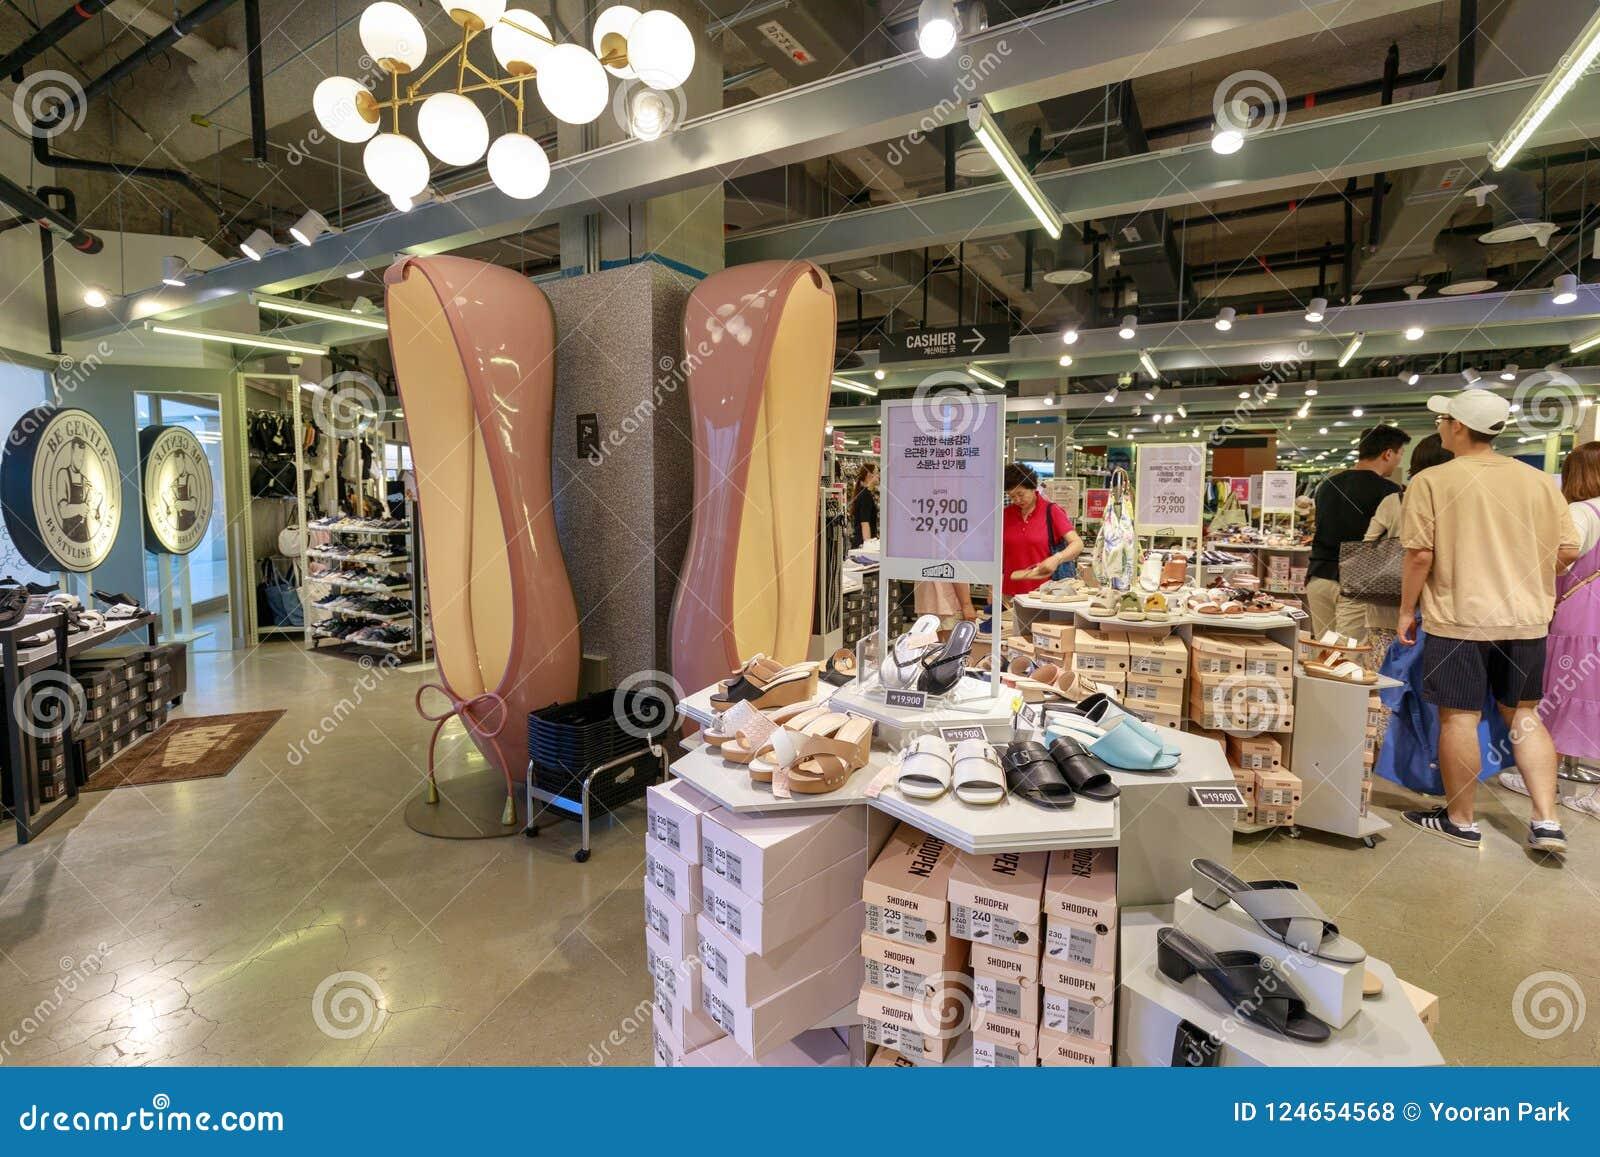 shoe shops in city centre